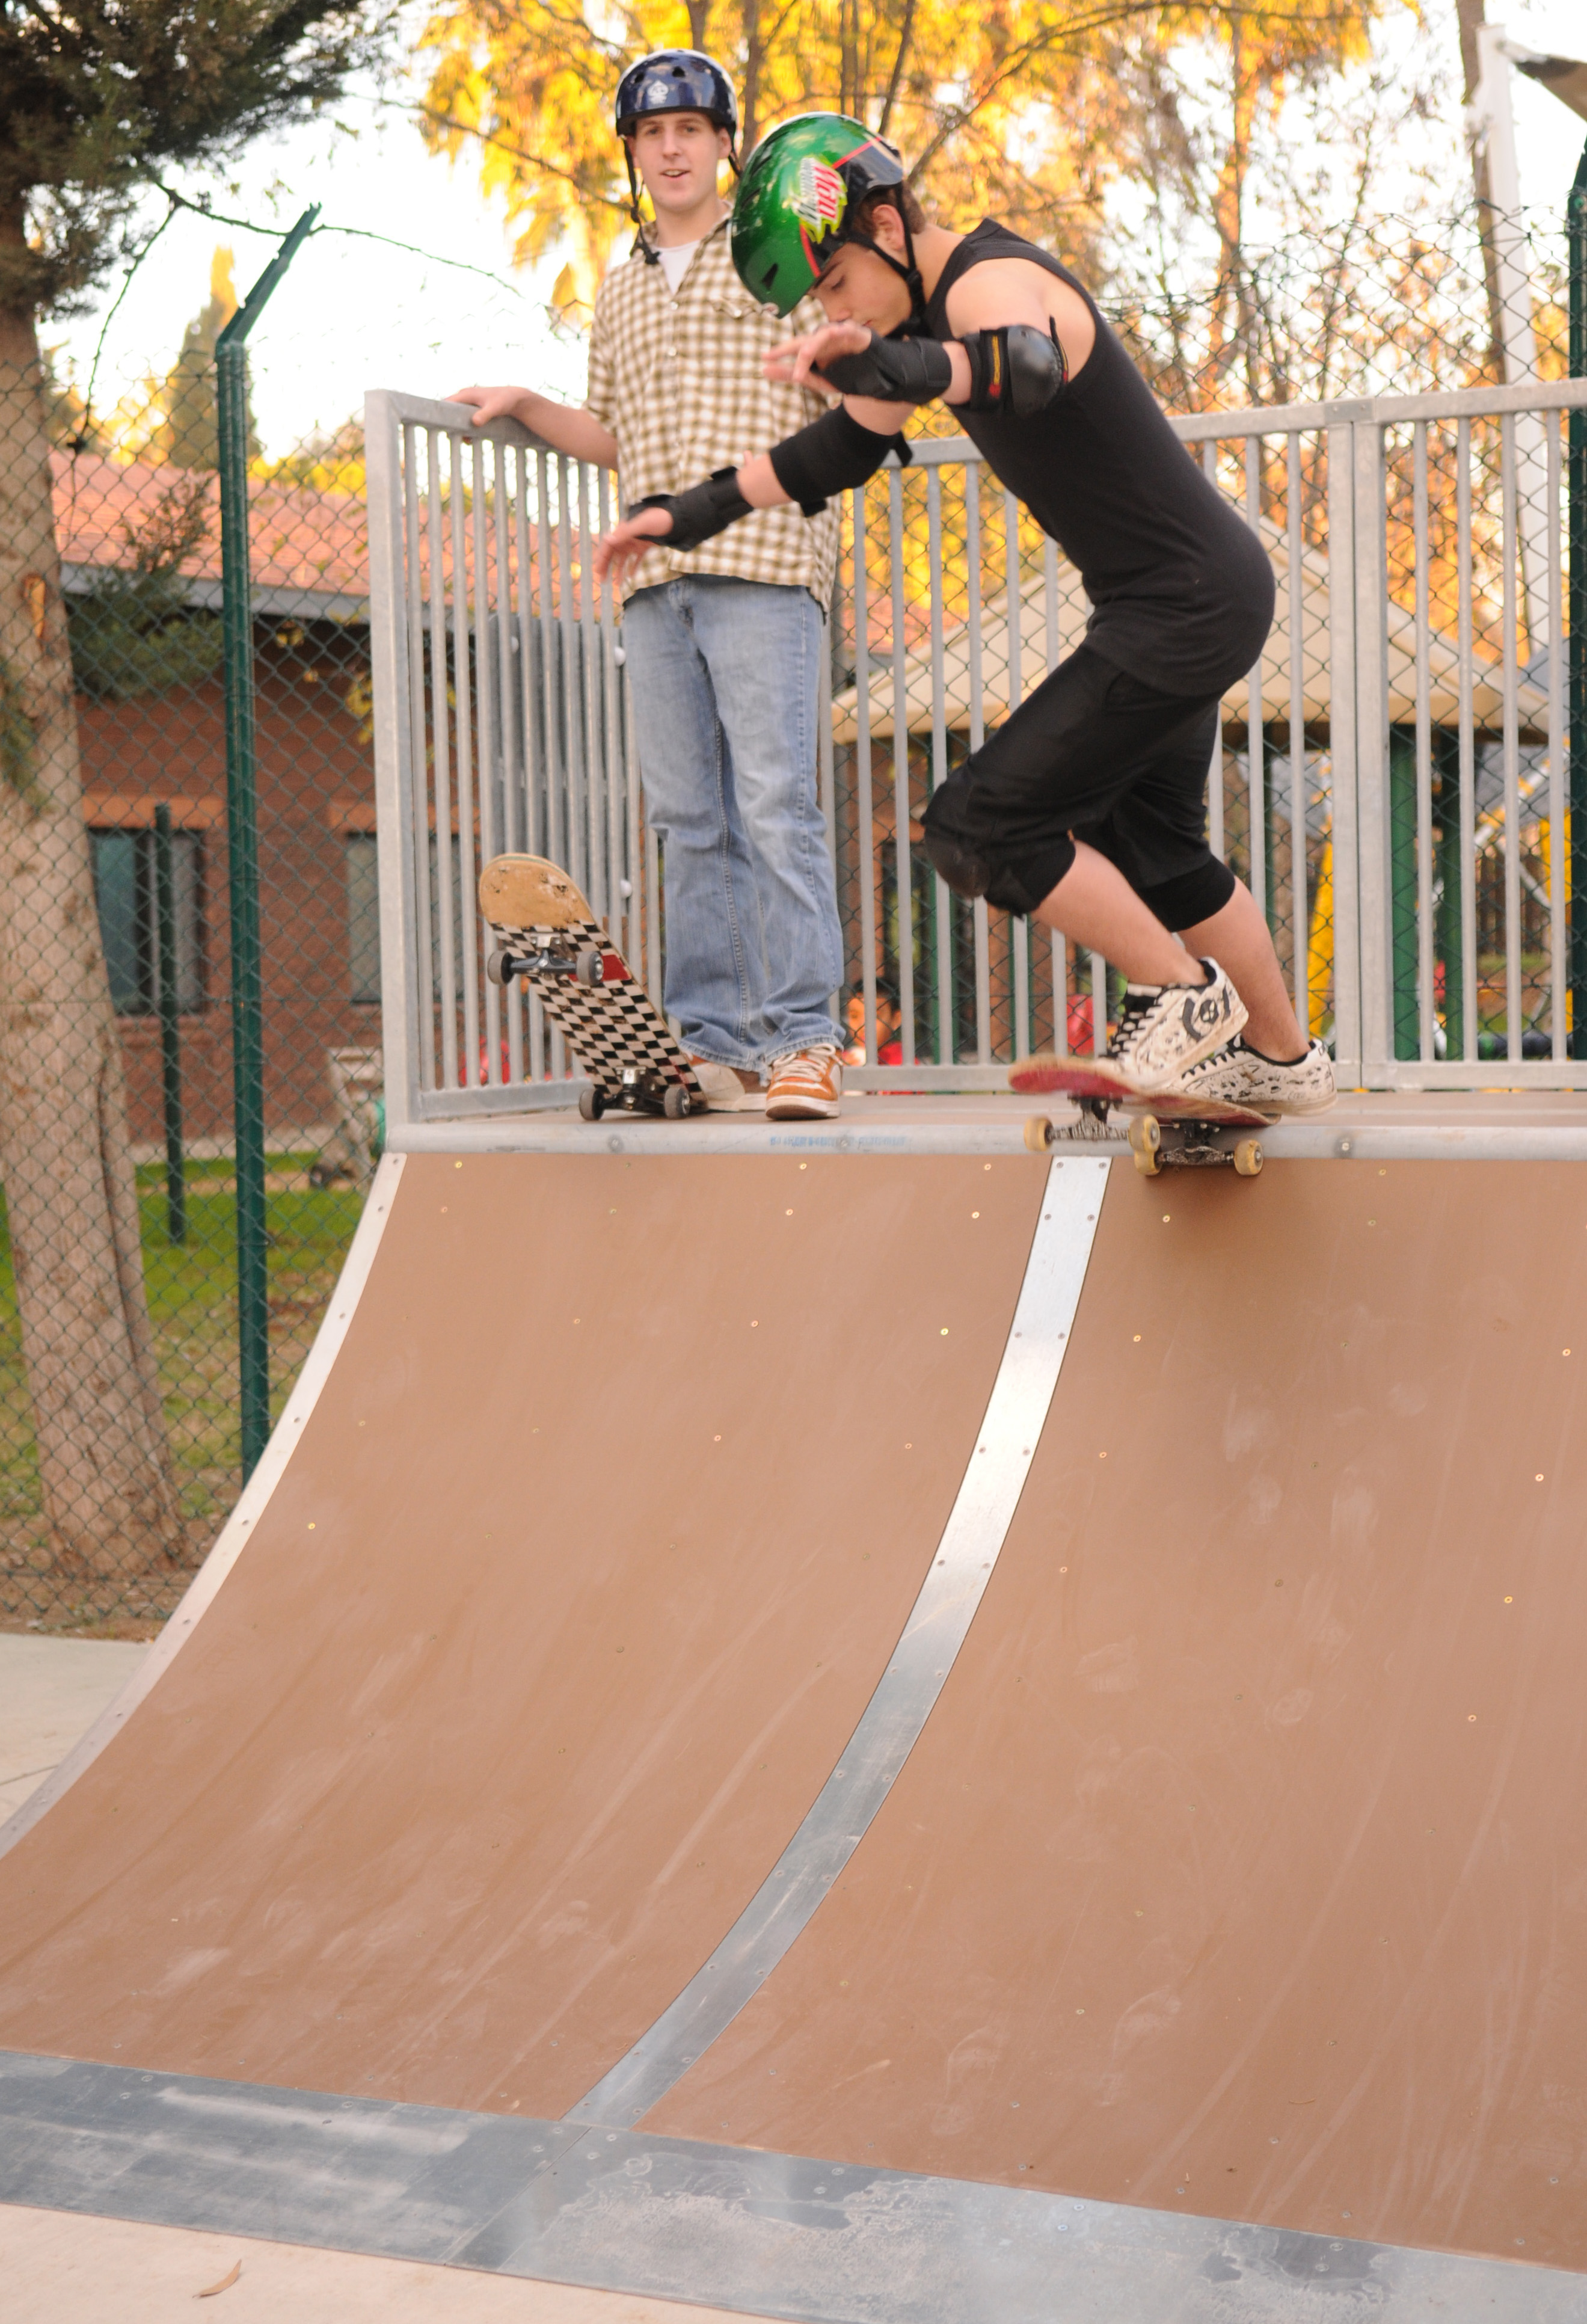 Skate park grand opening